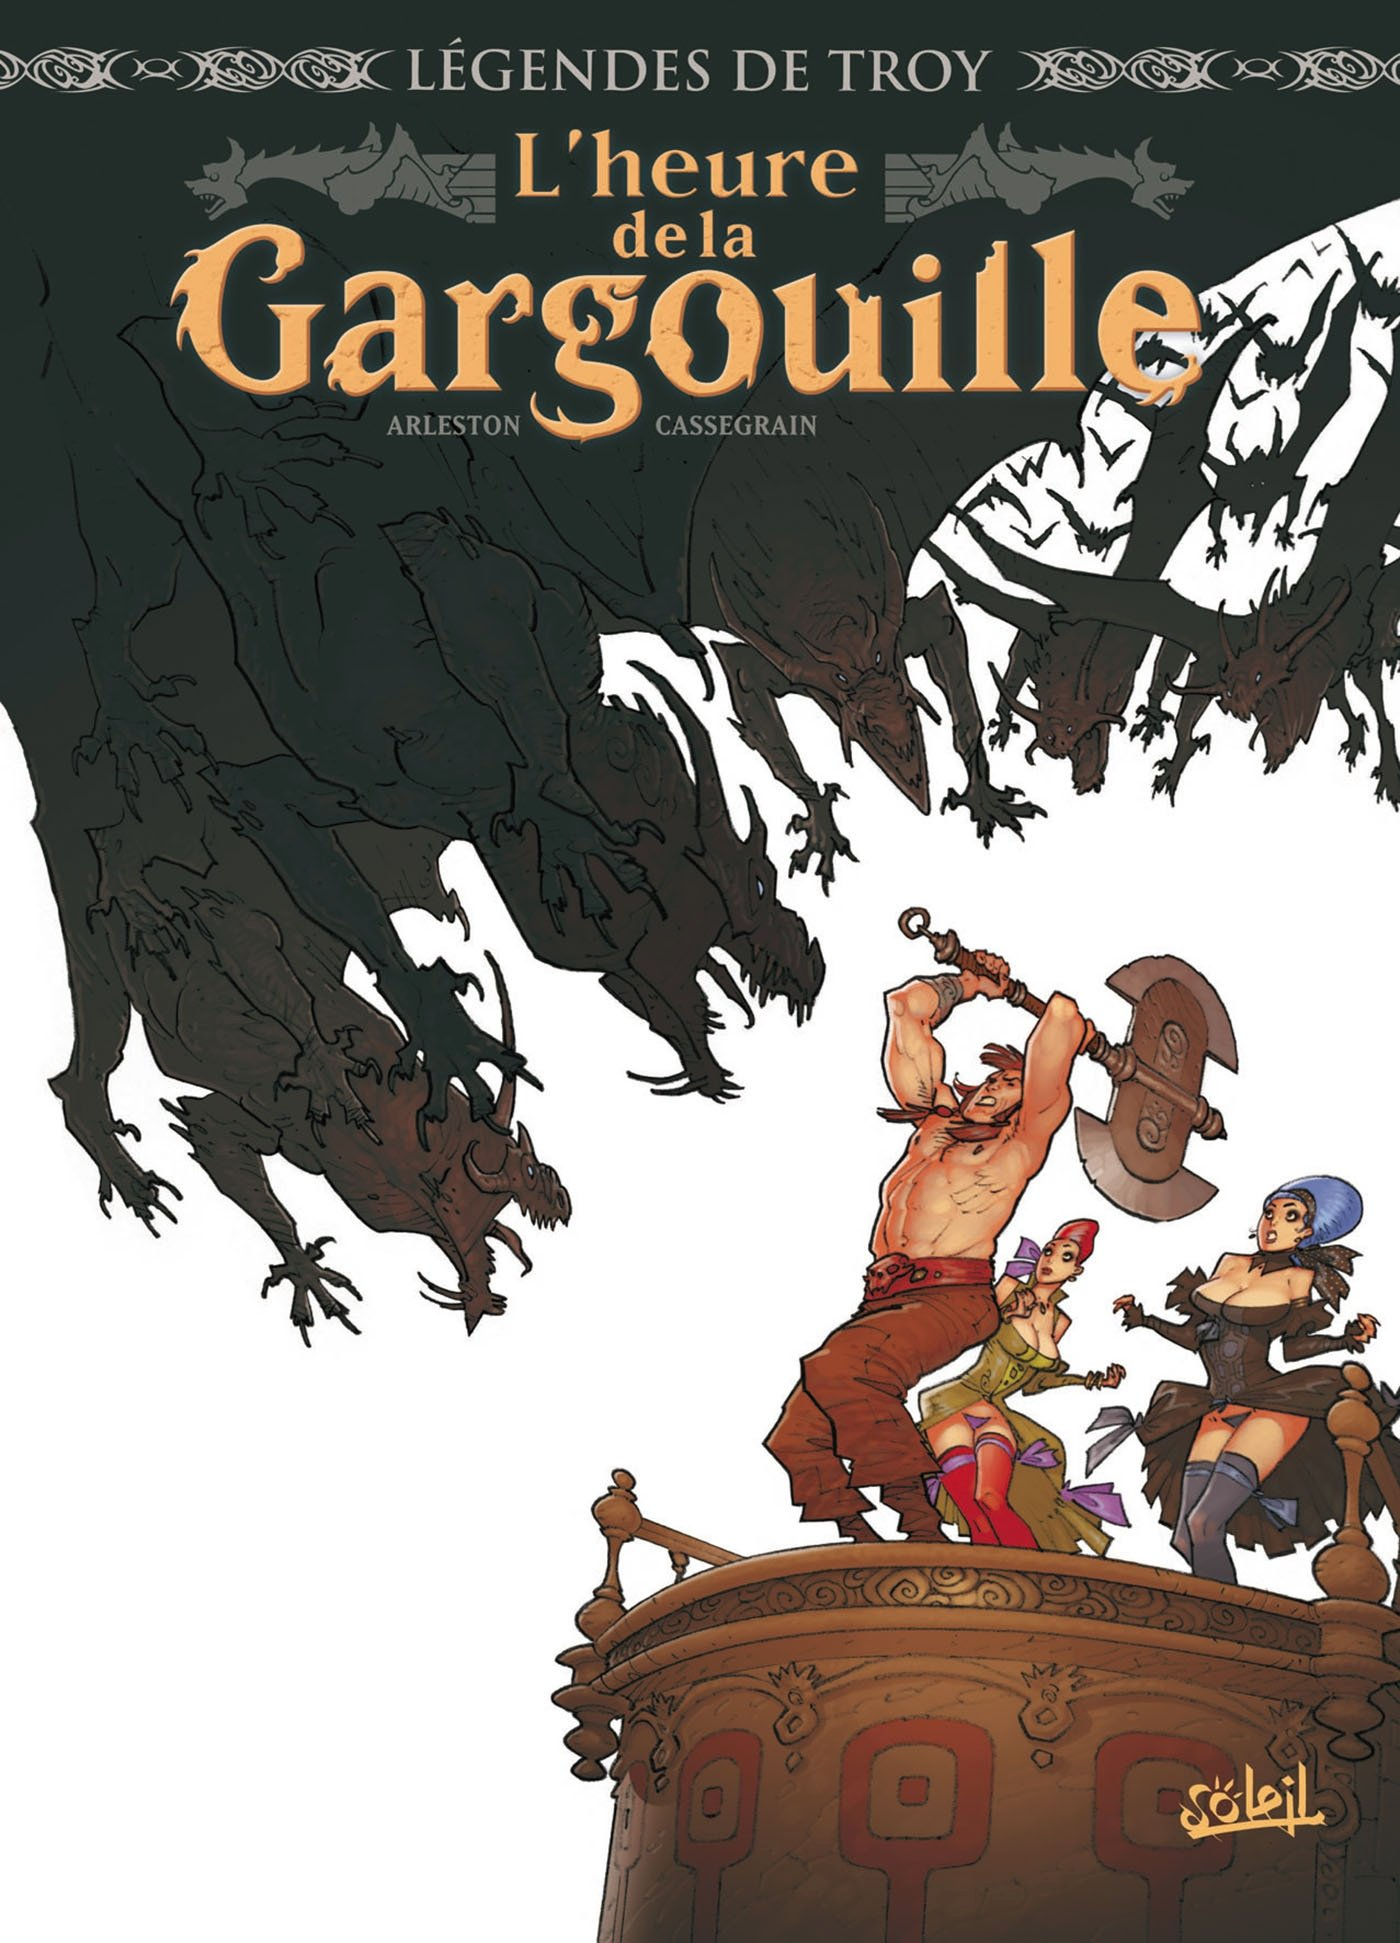 Heure de la Gargouille